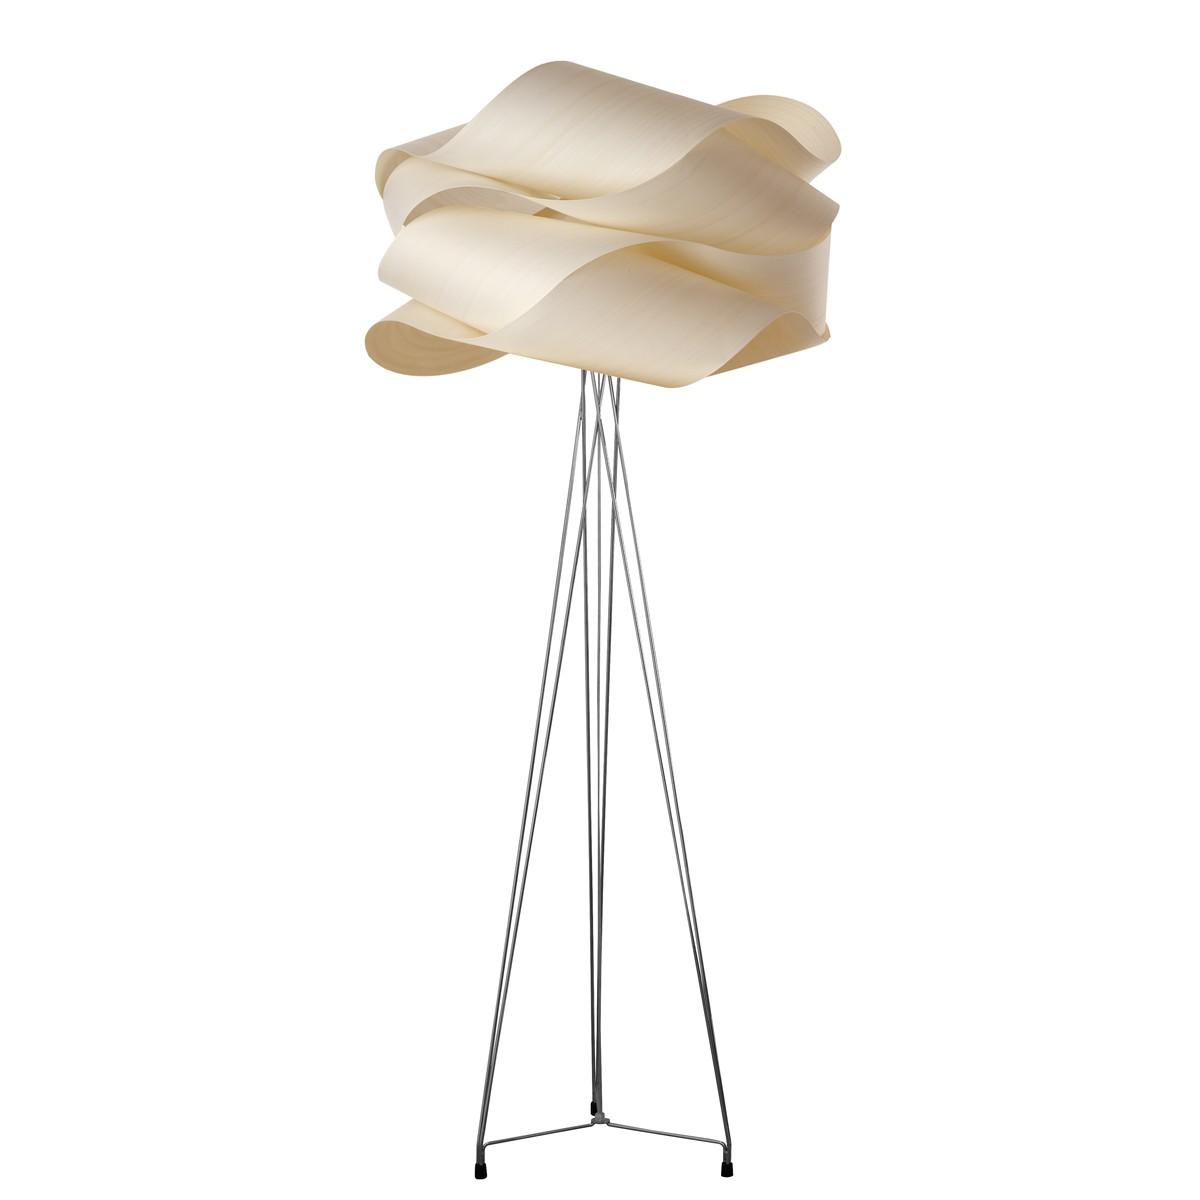 LZF Lamps Link Stehleuchte, Schirm: elfenbeinweiß